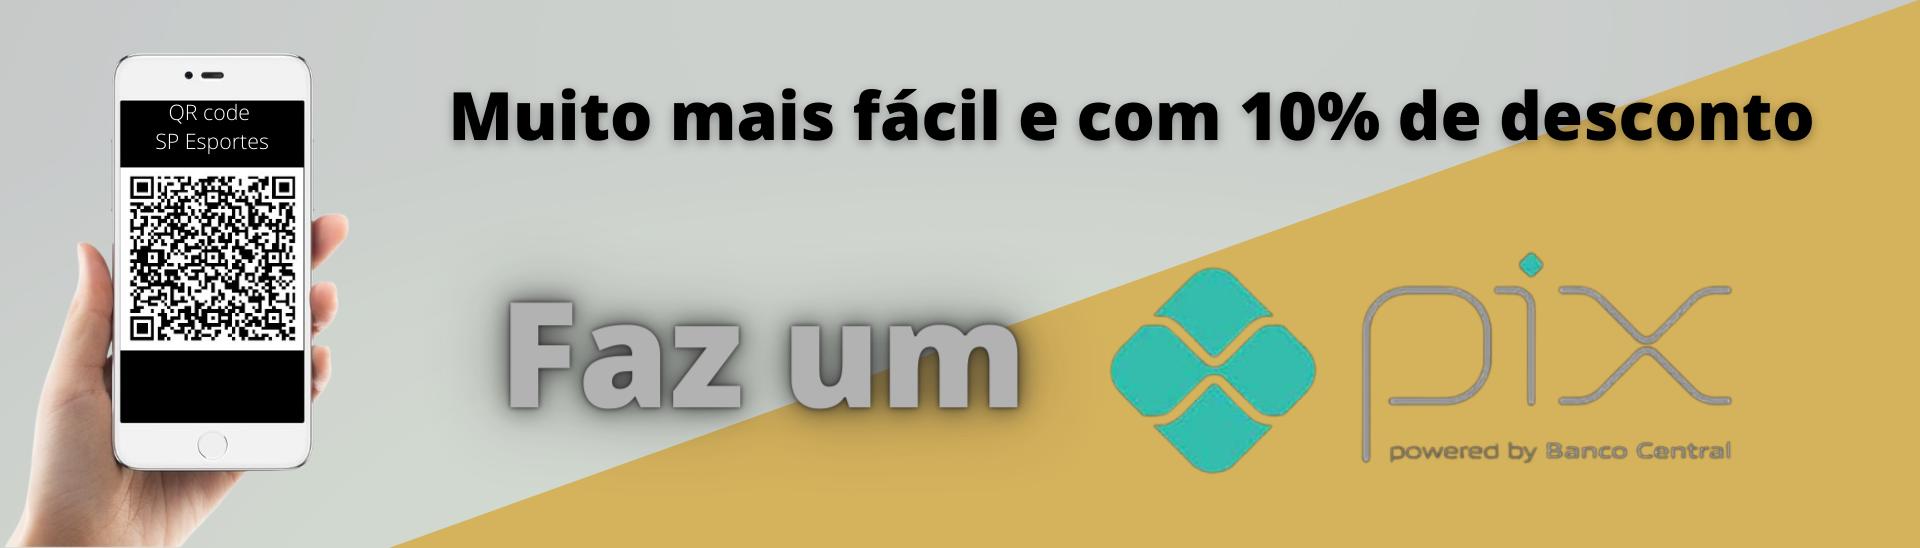 fax um pix